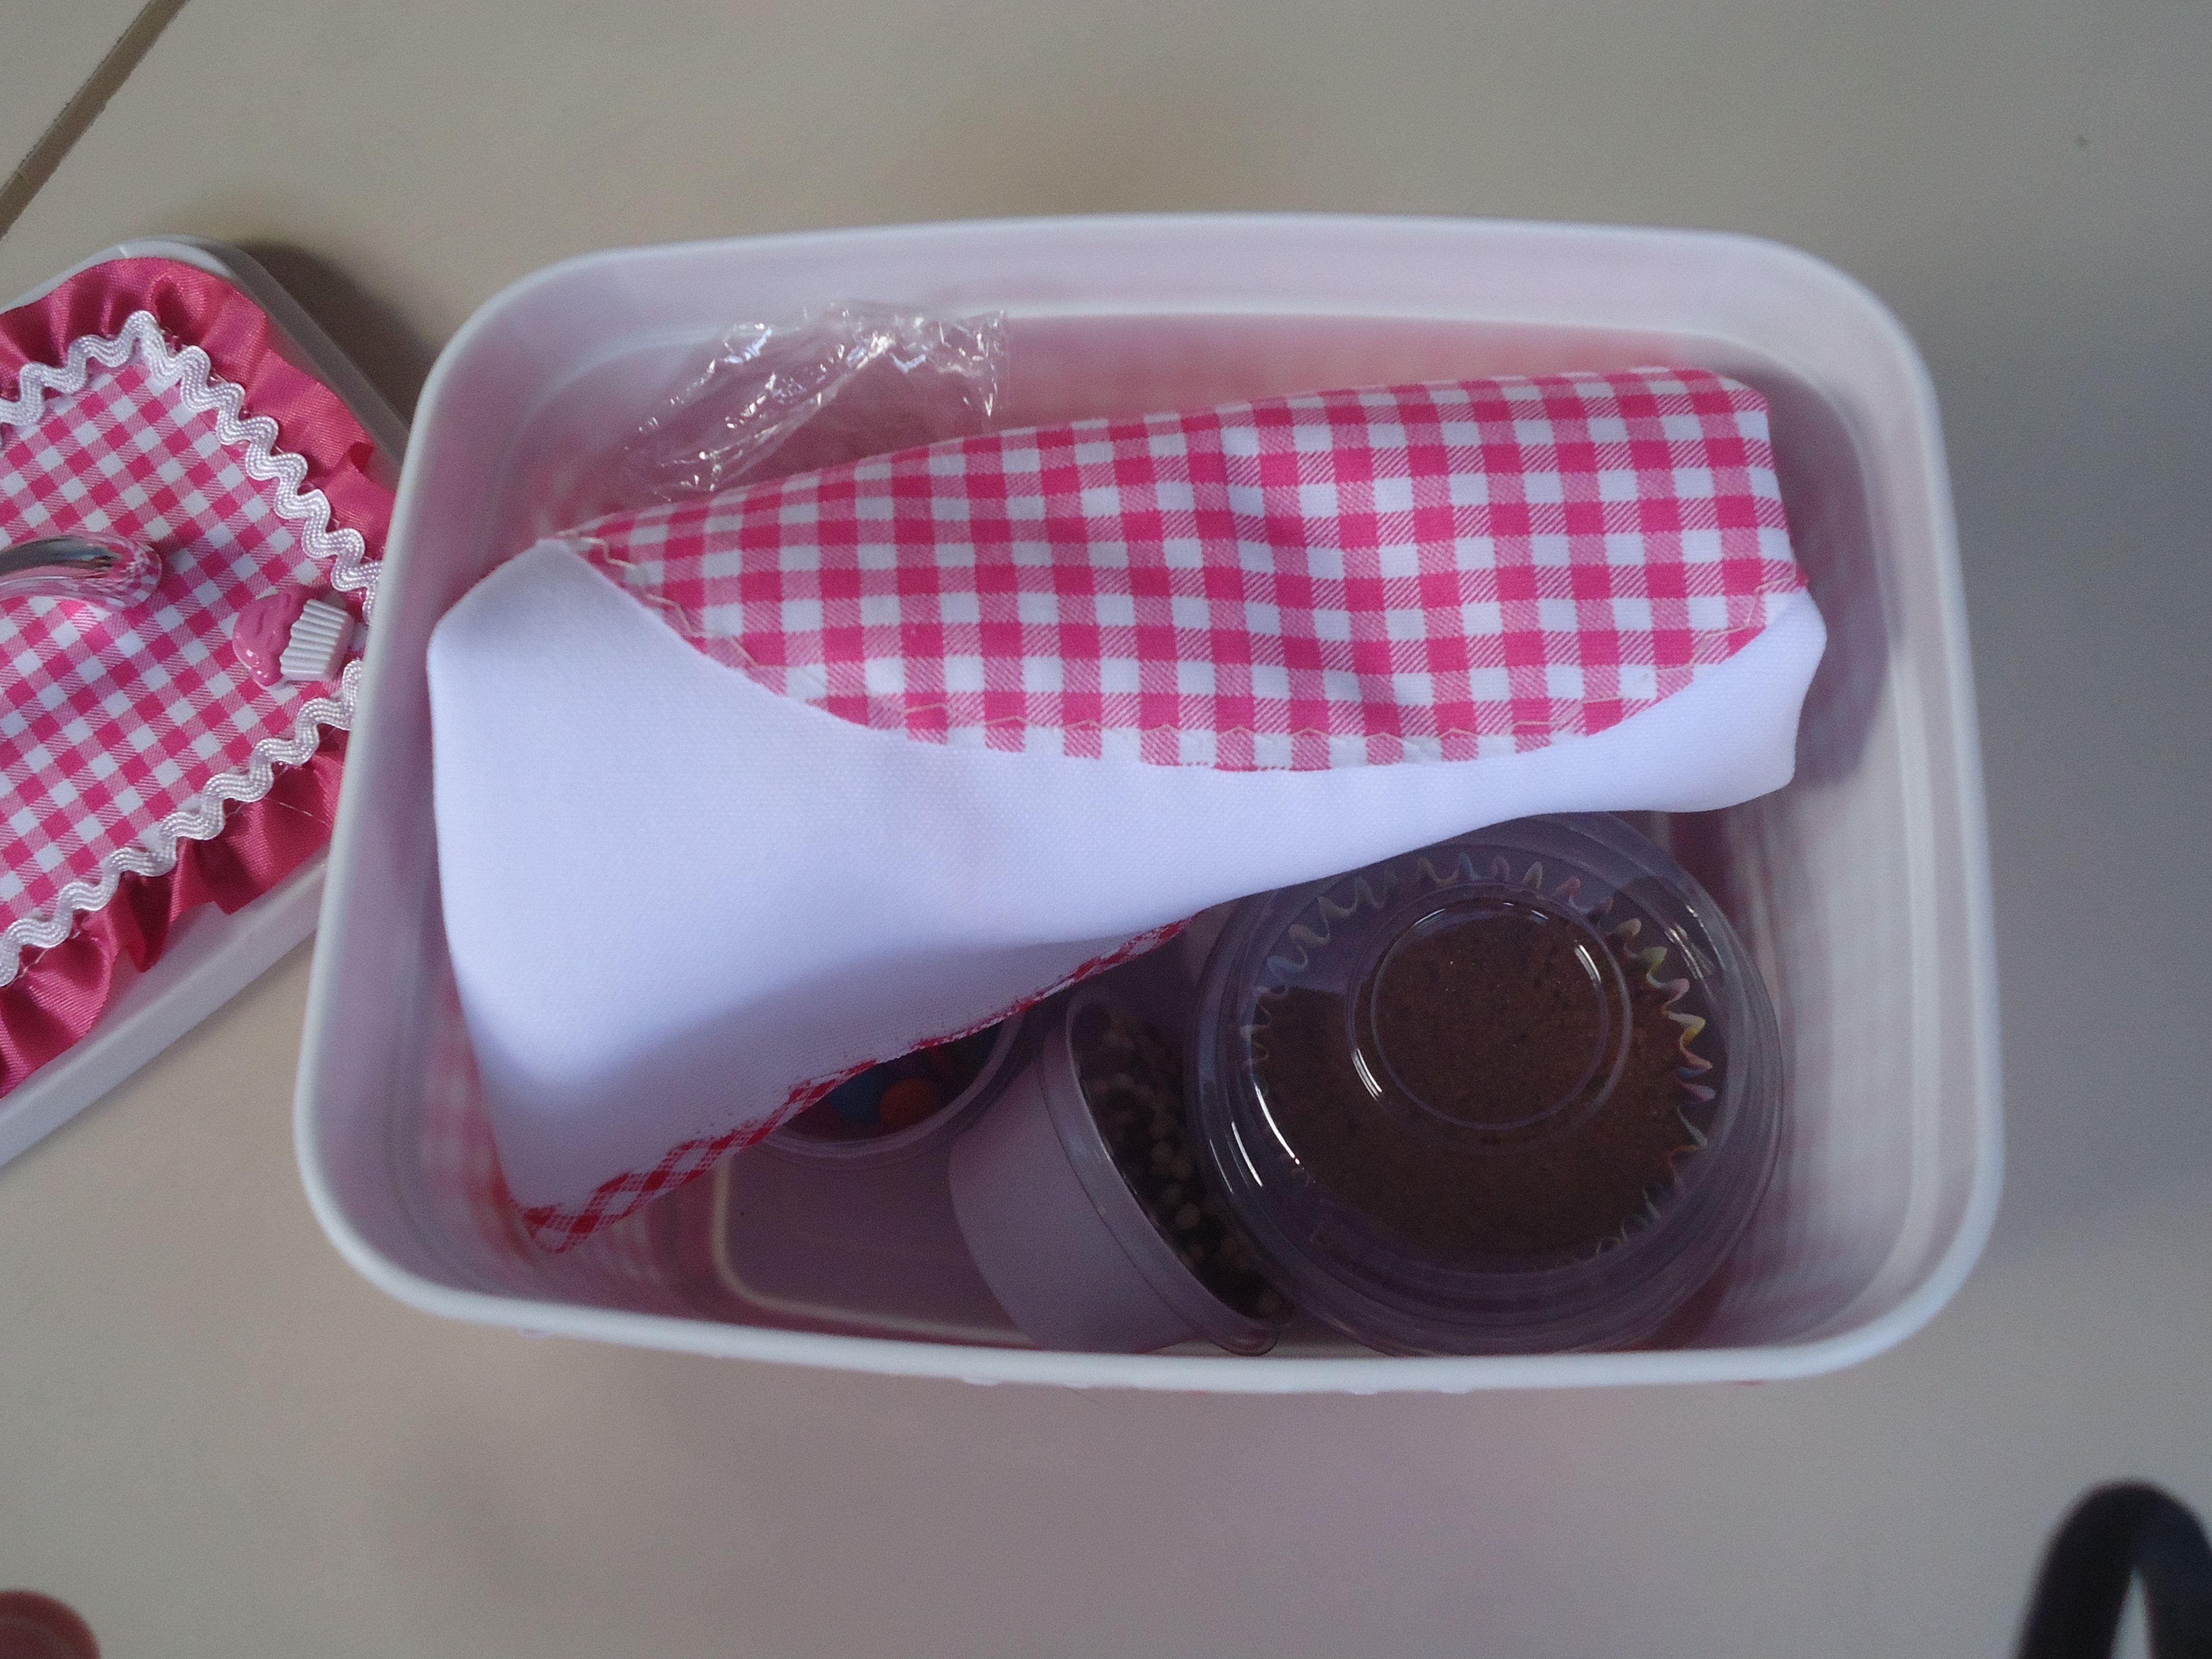 Recheio da caixinha da arte: Amor, Criatividade e muita ajuda da vovó e da titia! Avental, cupcake, sachet de marshmallow, sachet de brigadeiro, confetti e power ball.